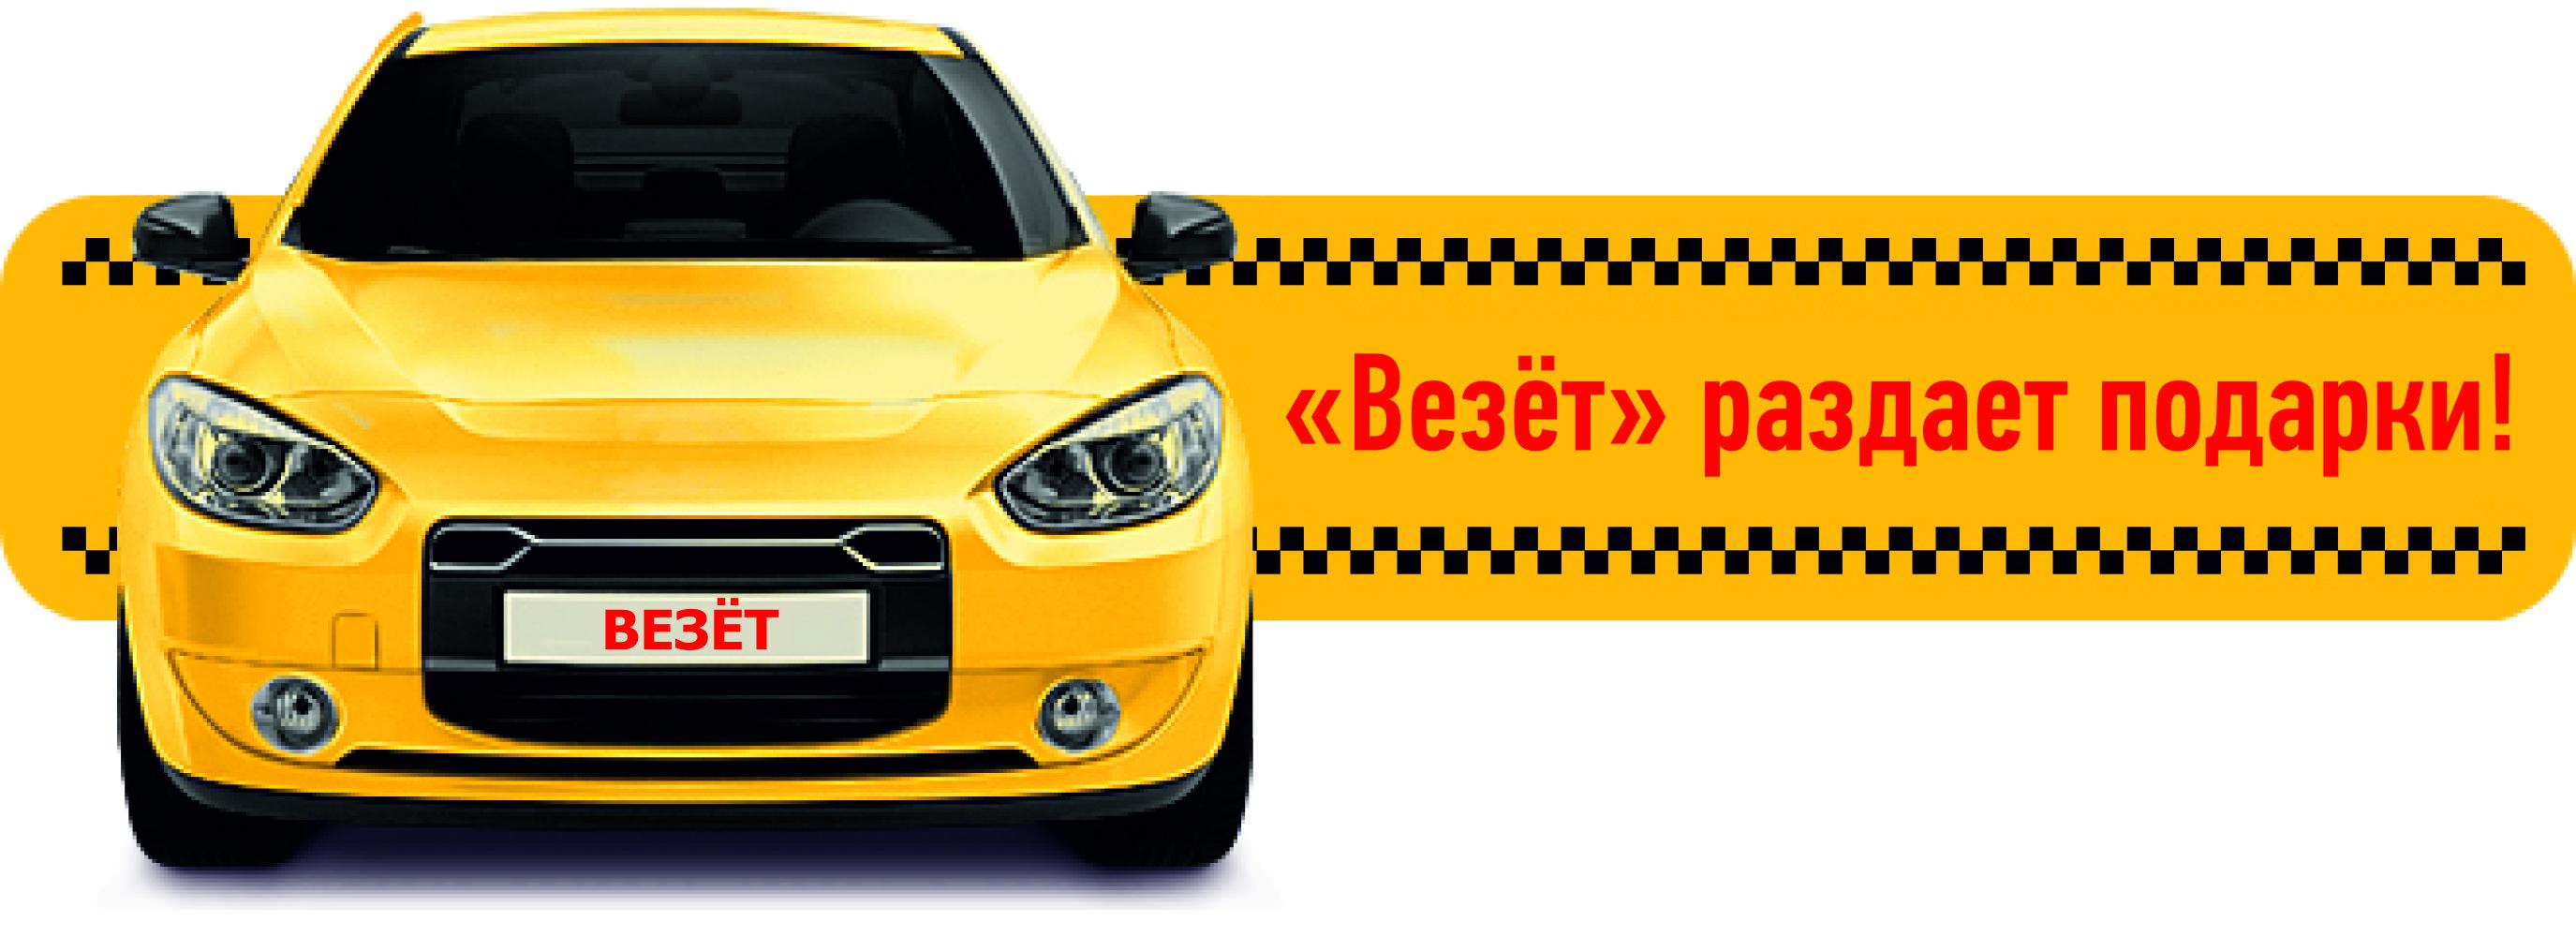 Тарифы яндекс такси для водителей и пассажиров